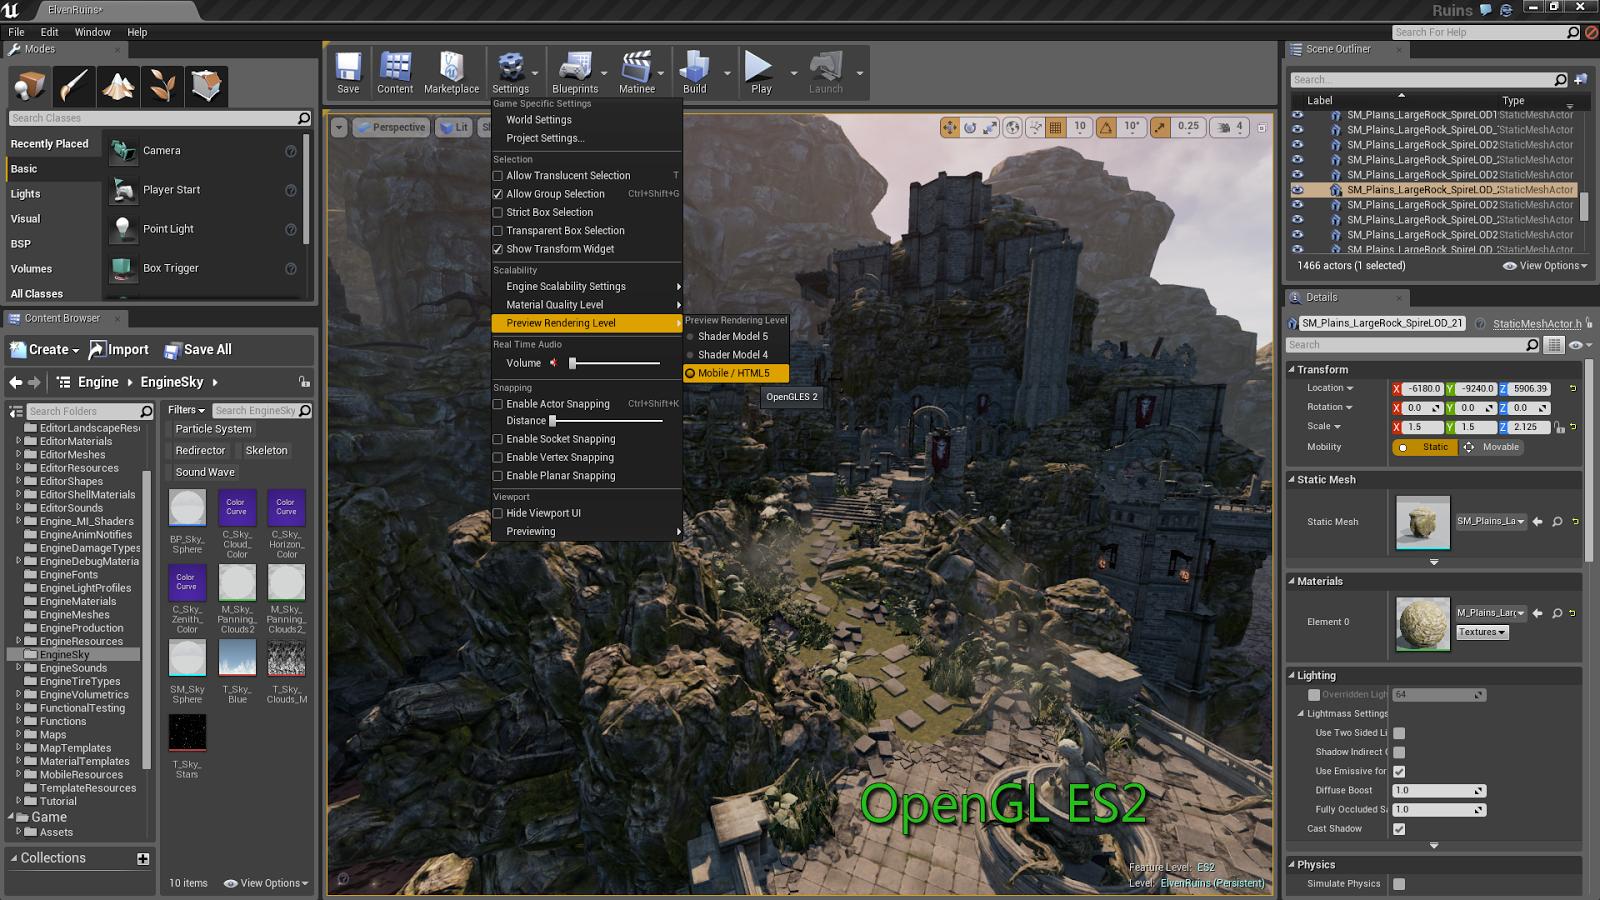 Unreal Engine İndir - Oyun Geliştirme Motoru - Tamindir